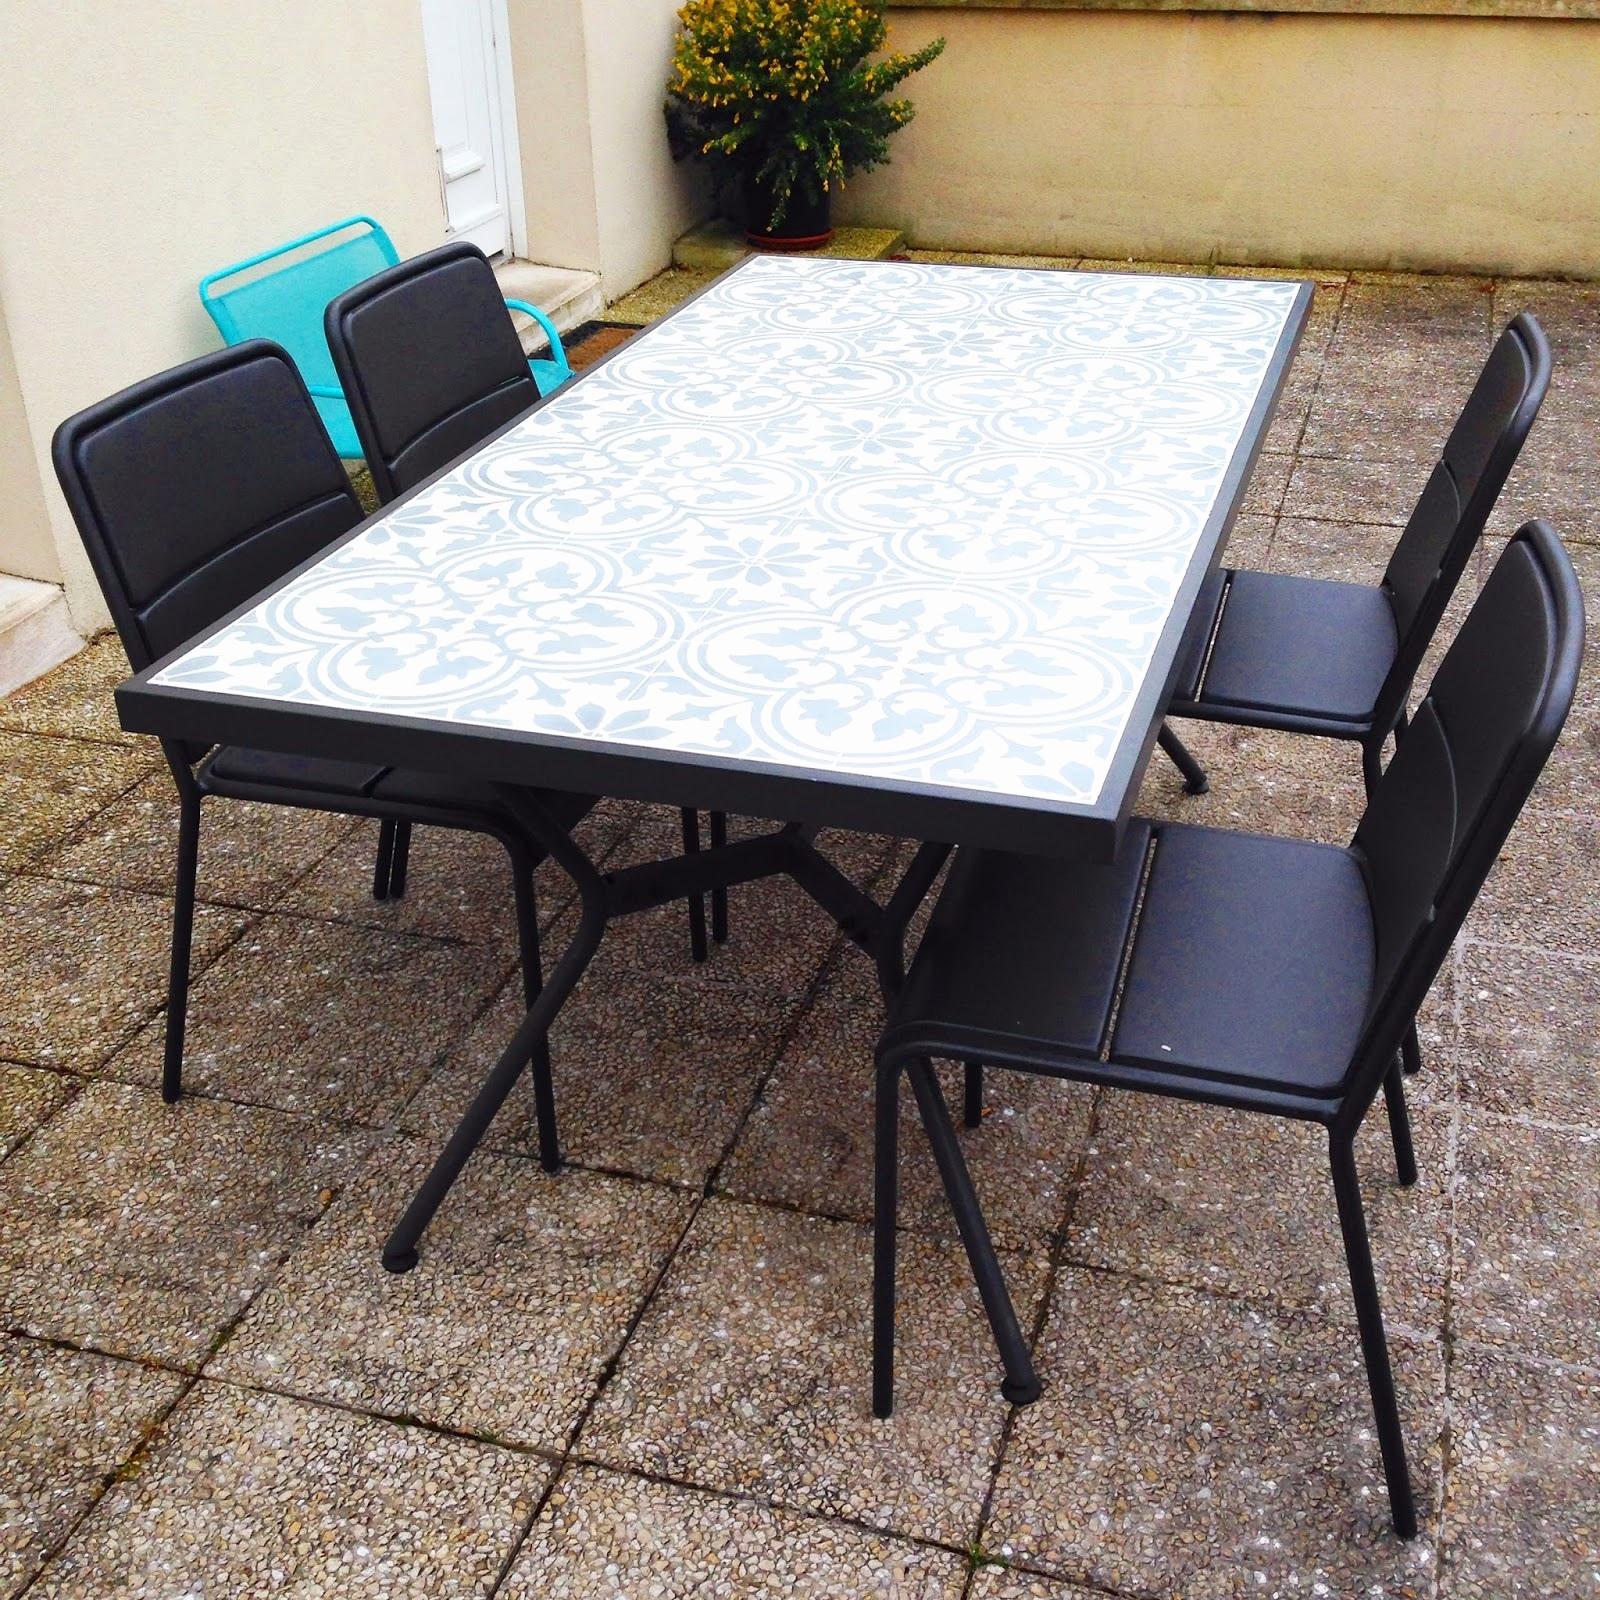 Salon de jardin pour balcon truffaut - Abri de jardin et ...